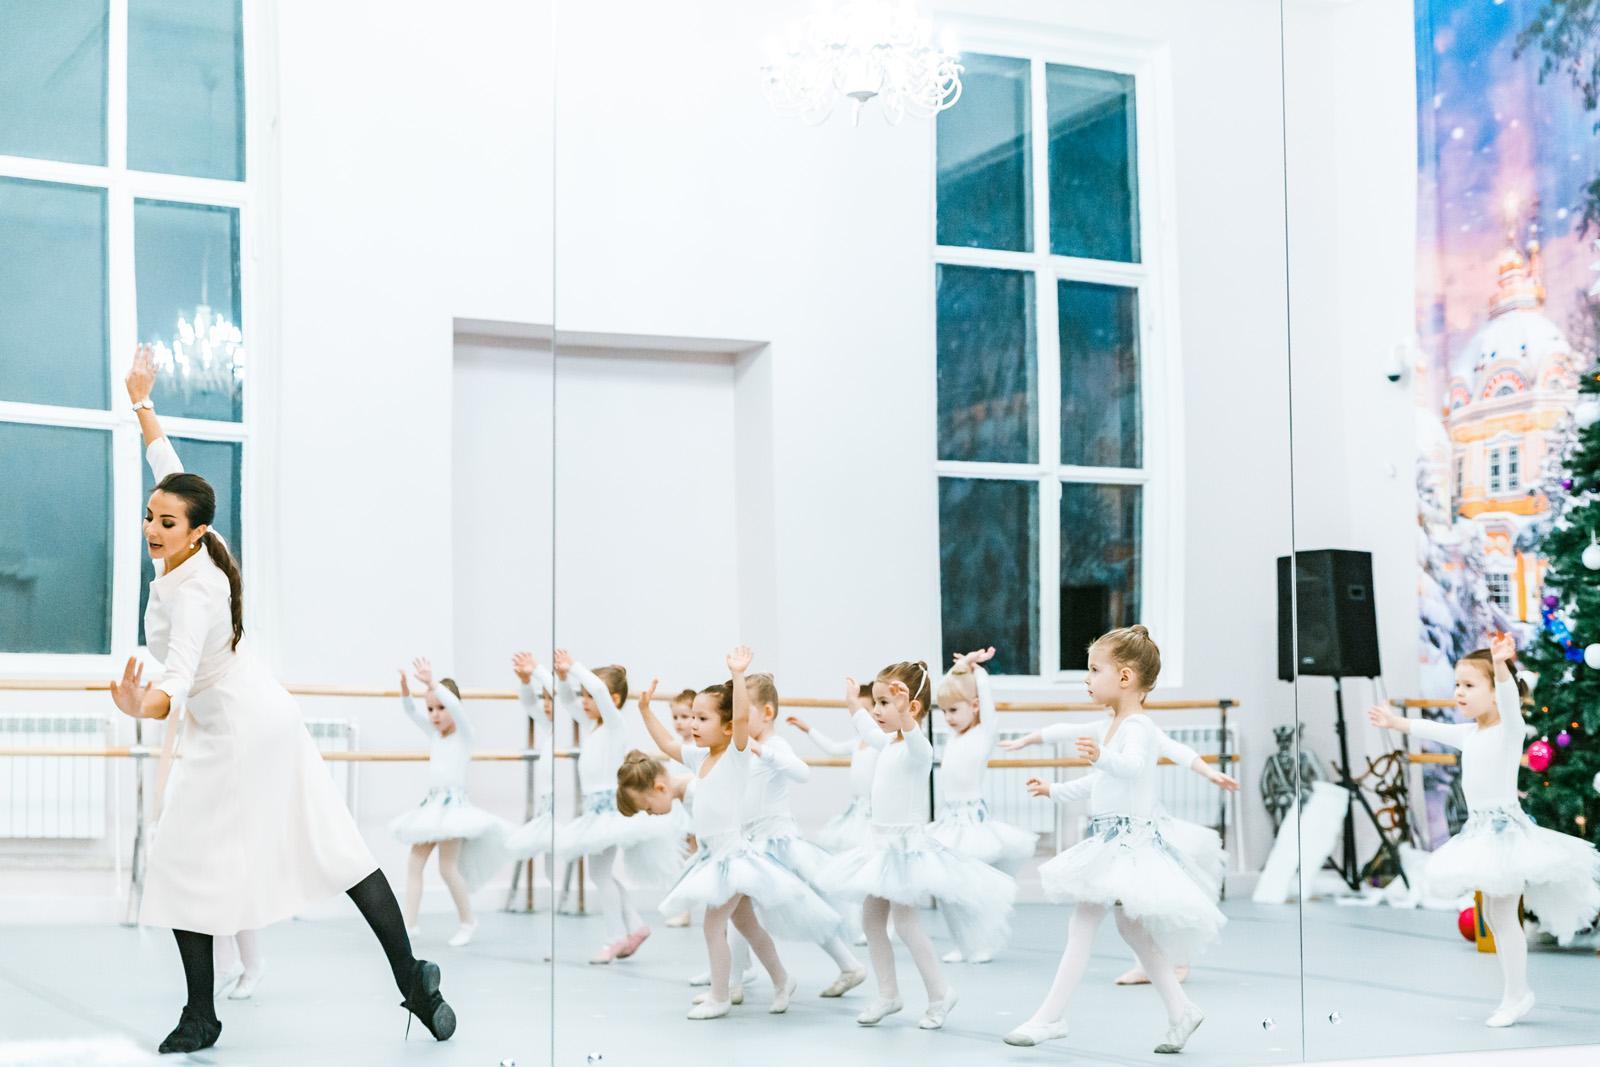 Впервые в балетной школе на ВДНХ стартуют занятия по йоге и народному танцу